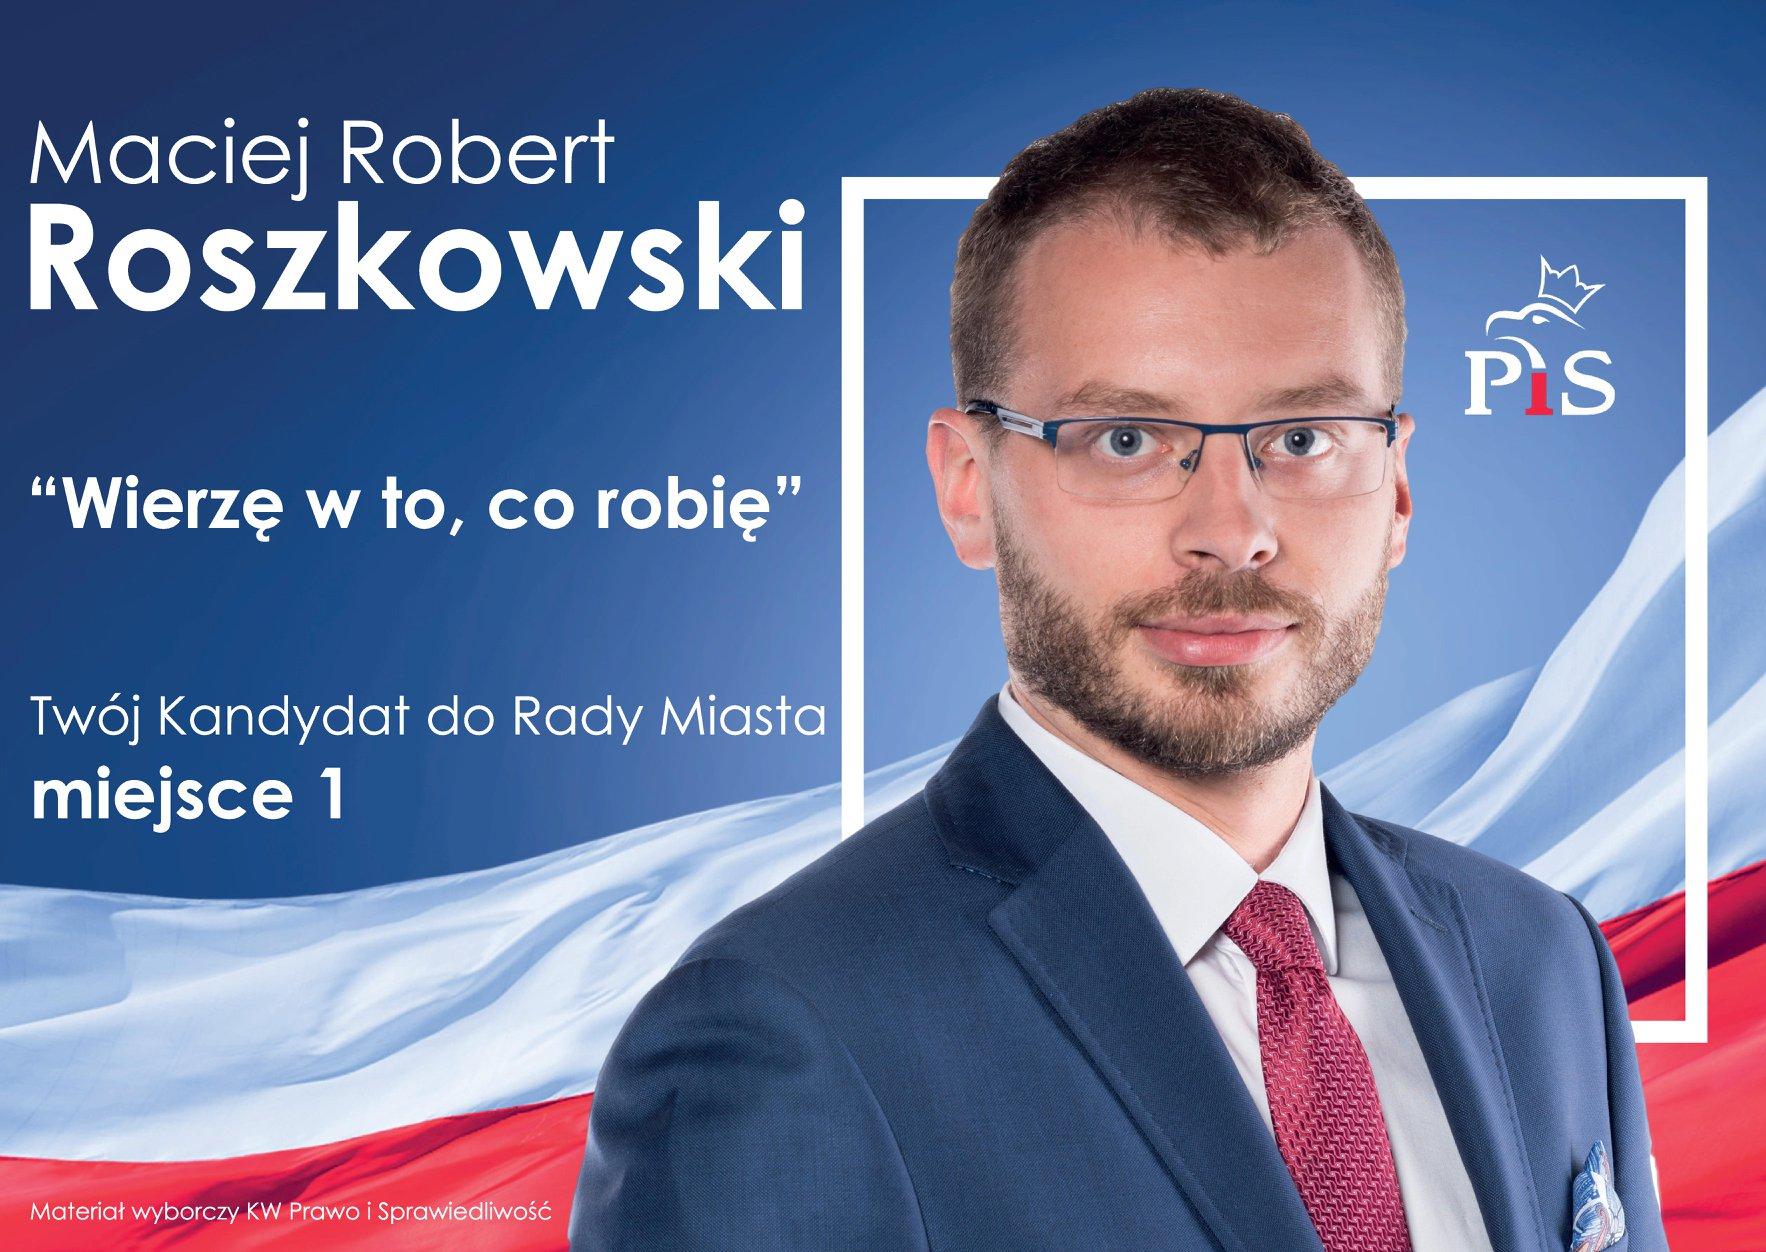 Pruszkow - Roszkowski MAciej WS2018